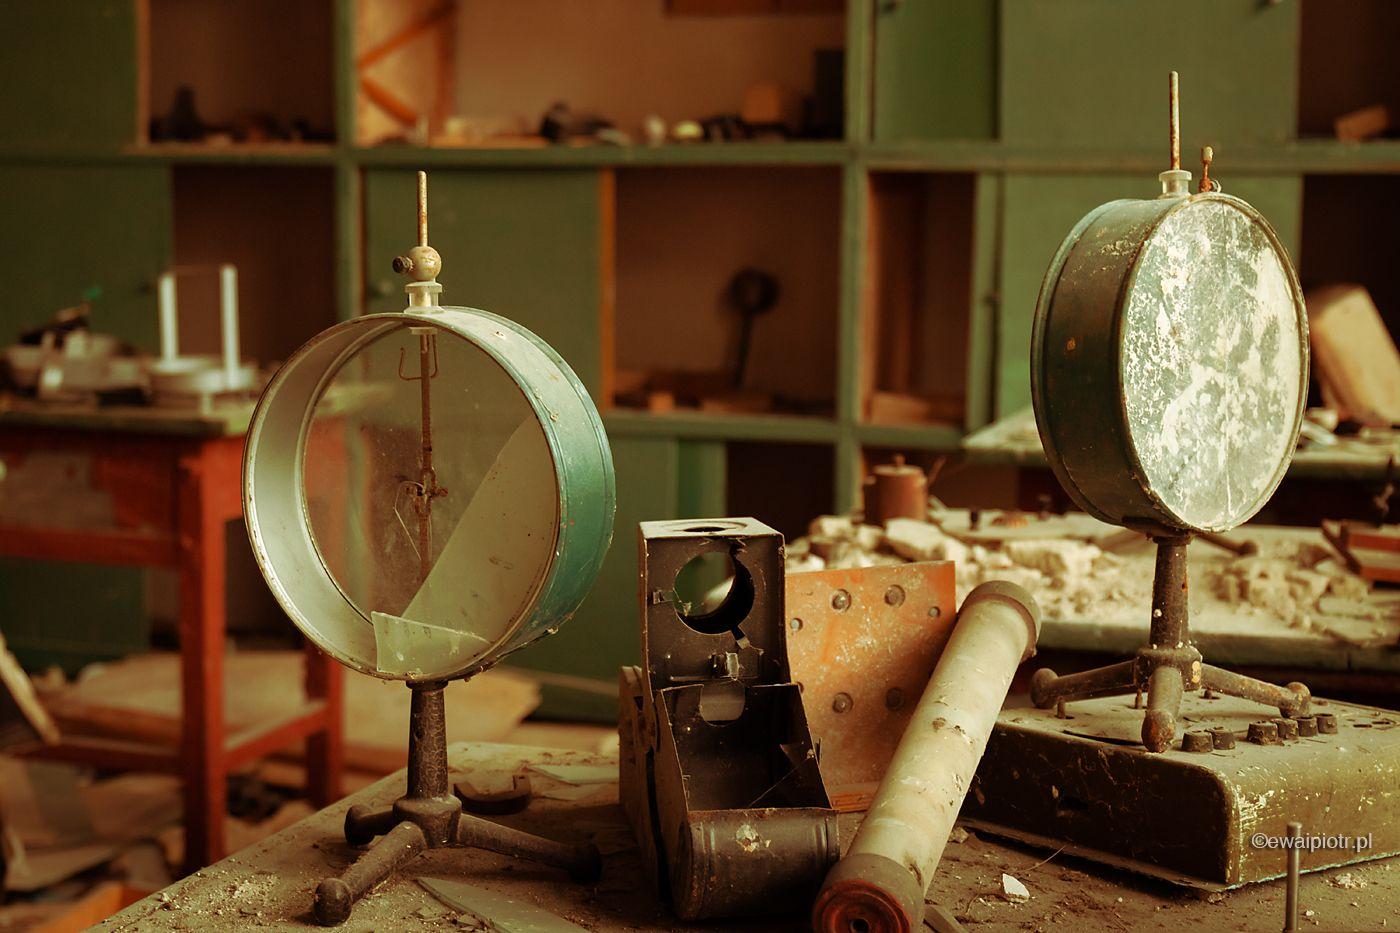 Przerwana lekcja fizyki, szkoła w wiosce w Strefie, Czarnobyl